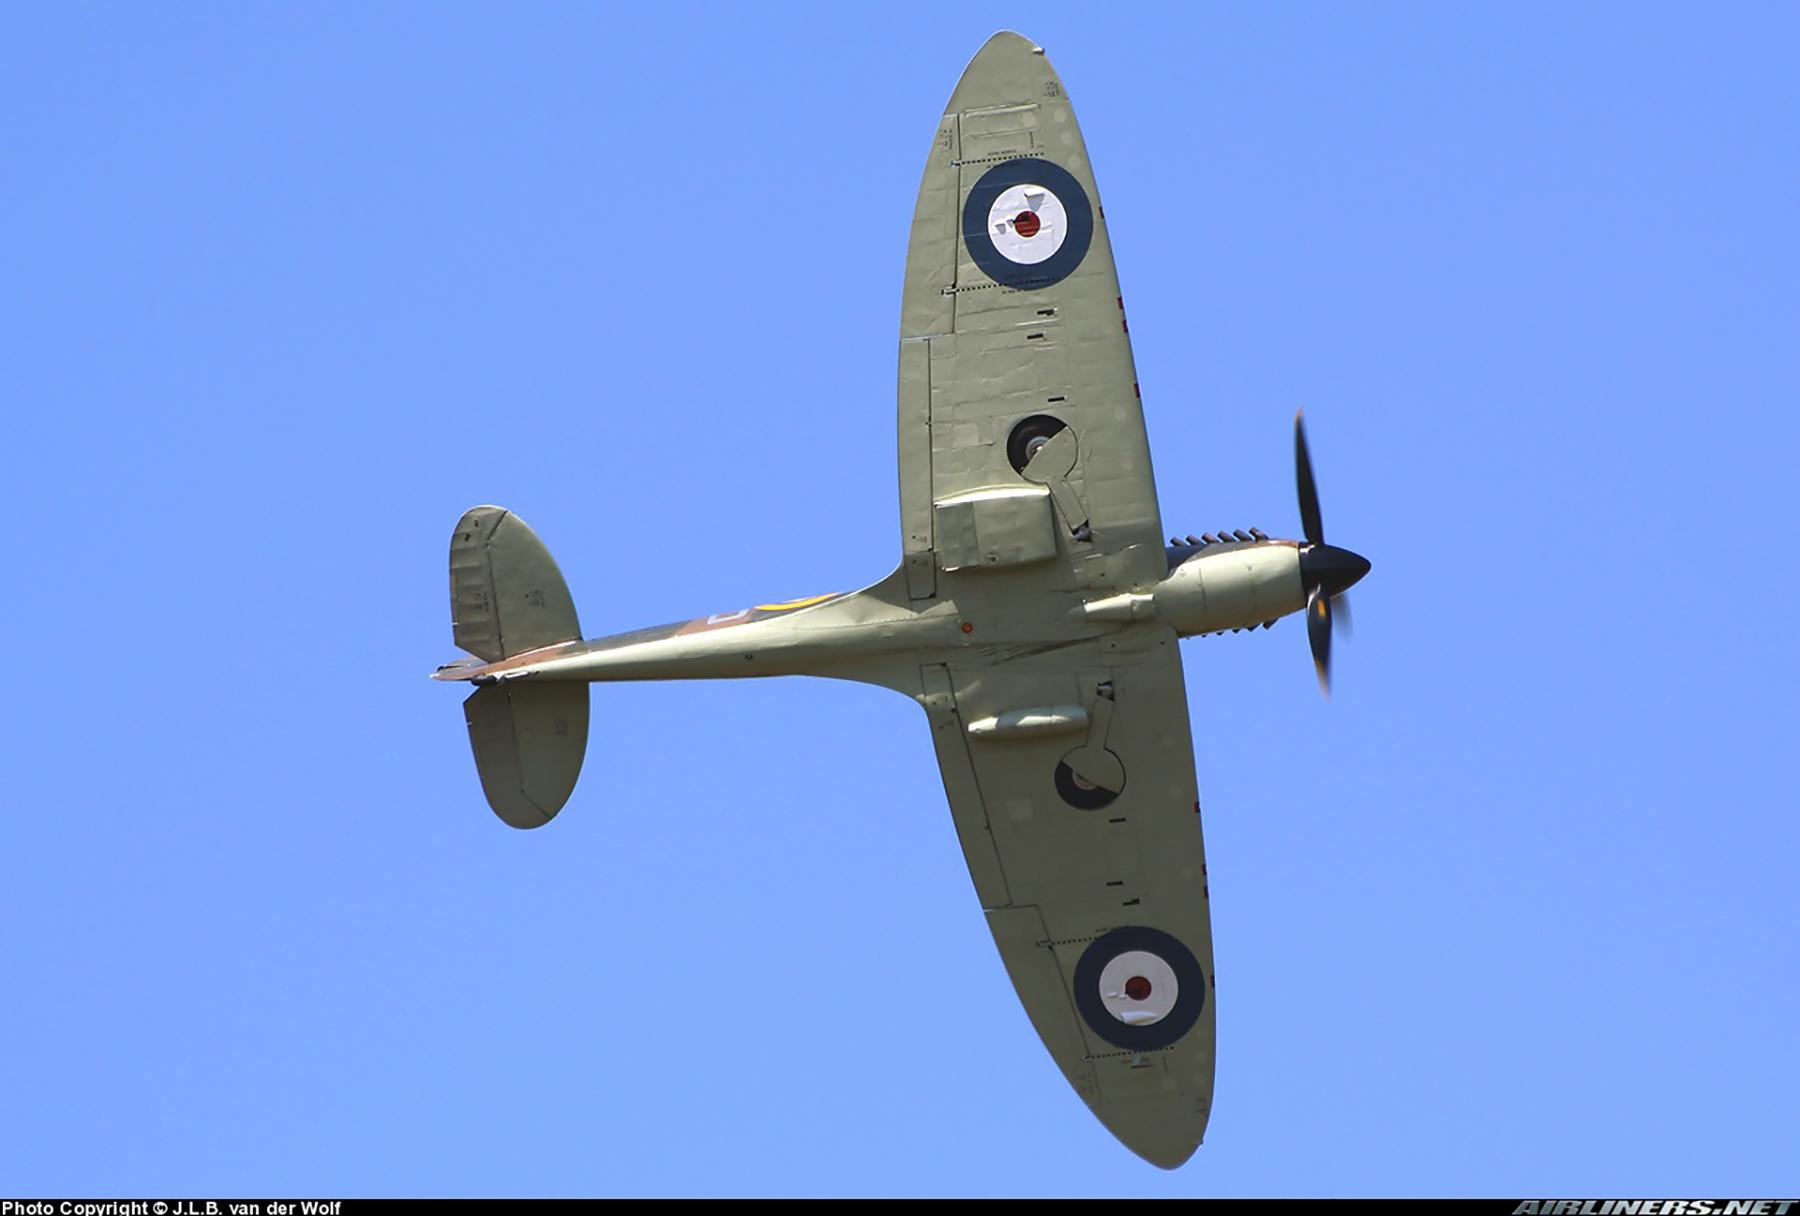 Airworthy Spitfire warbird RAF 603Sqn XTD P7350 13